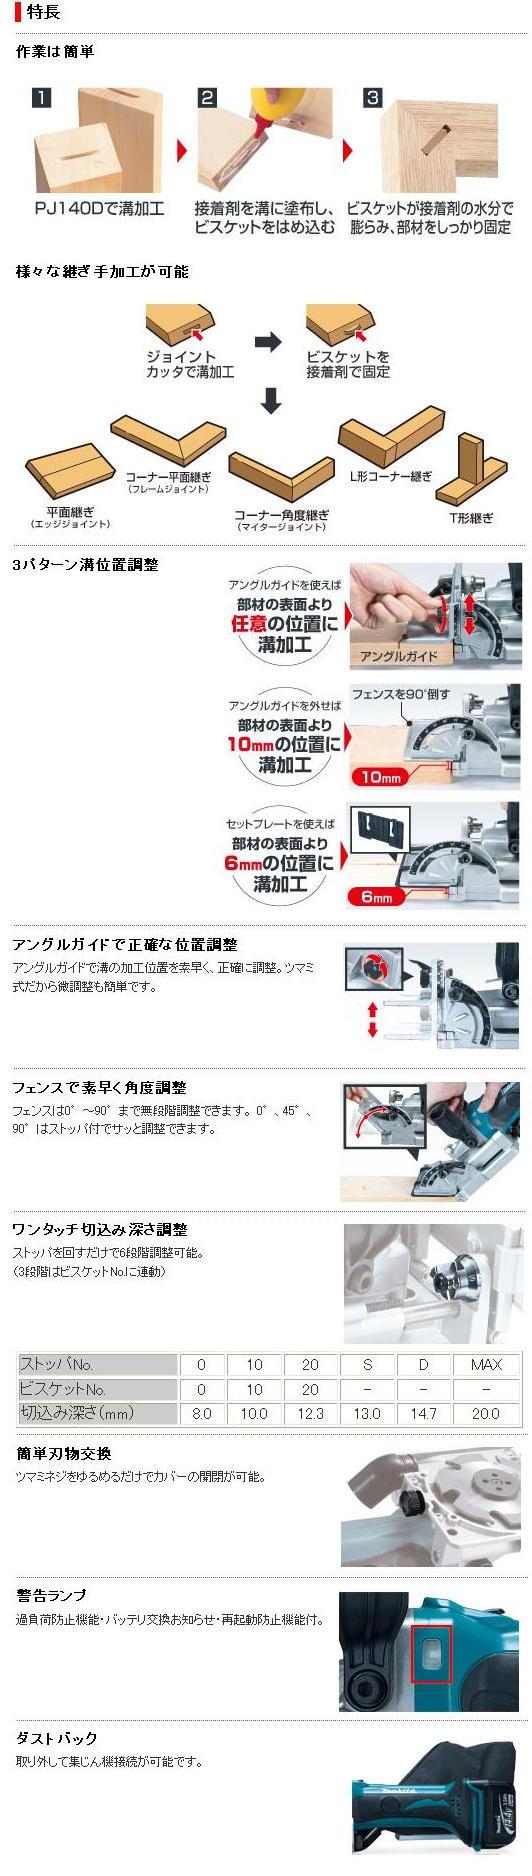 マキタ 14.4V充電式ジョイントカッタ PJ140D